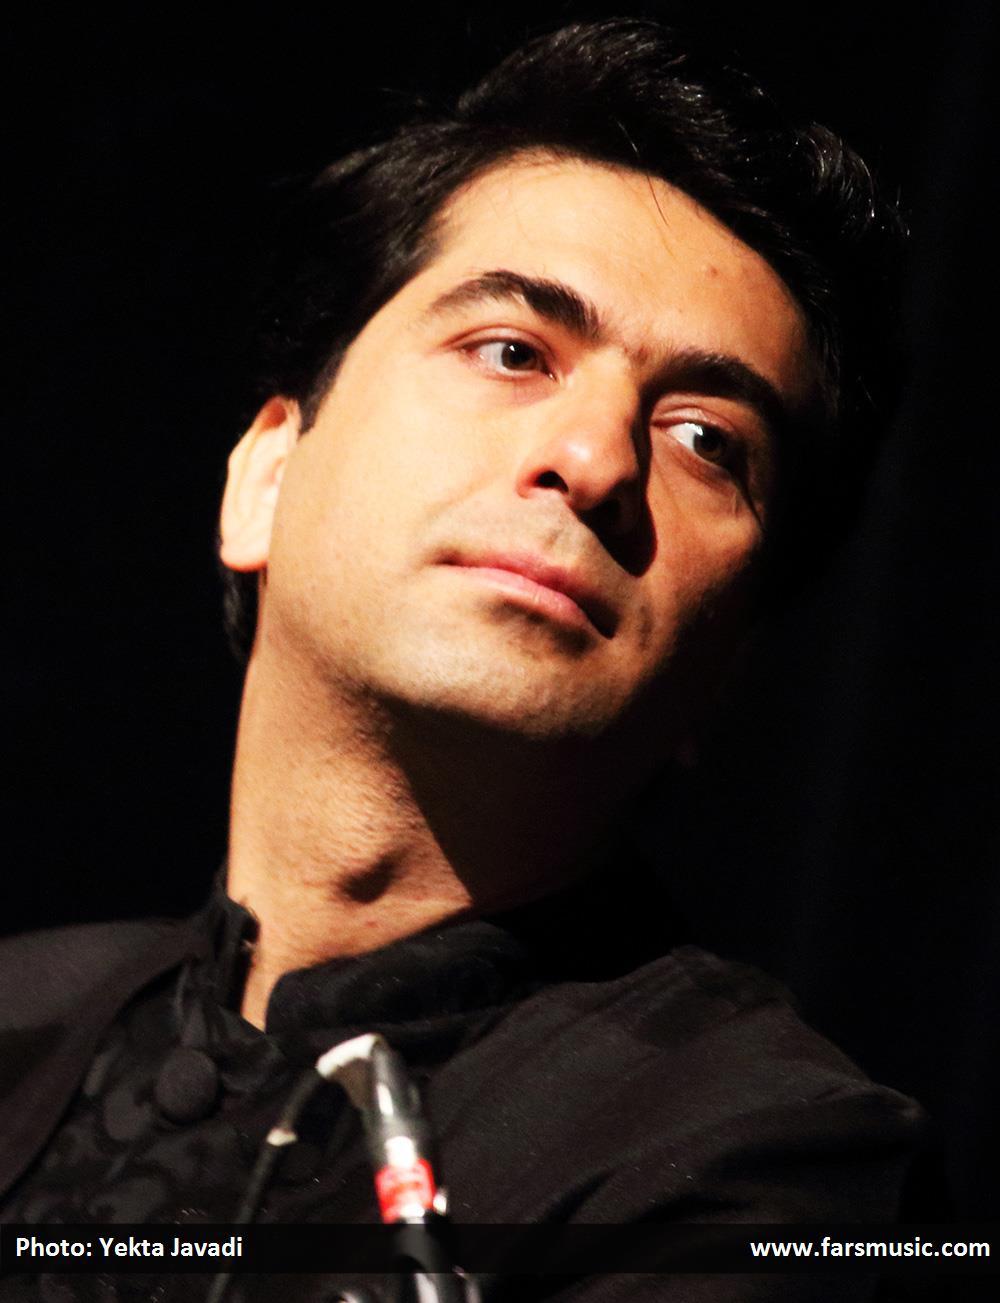 کنسرت گروه هم آوایان، حسین علیزاده و محمد معتمدی، با عنوان بحر طویل در رشت، برگزار شد + گزارش تصویری